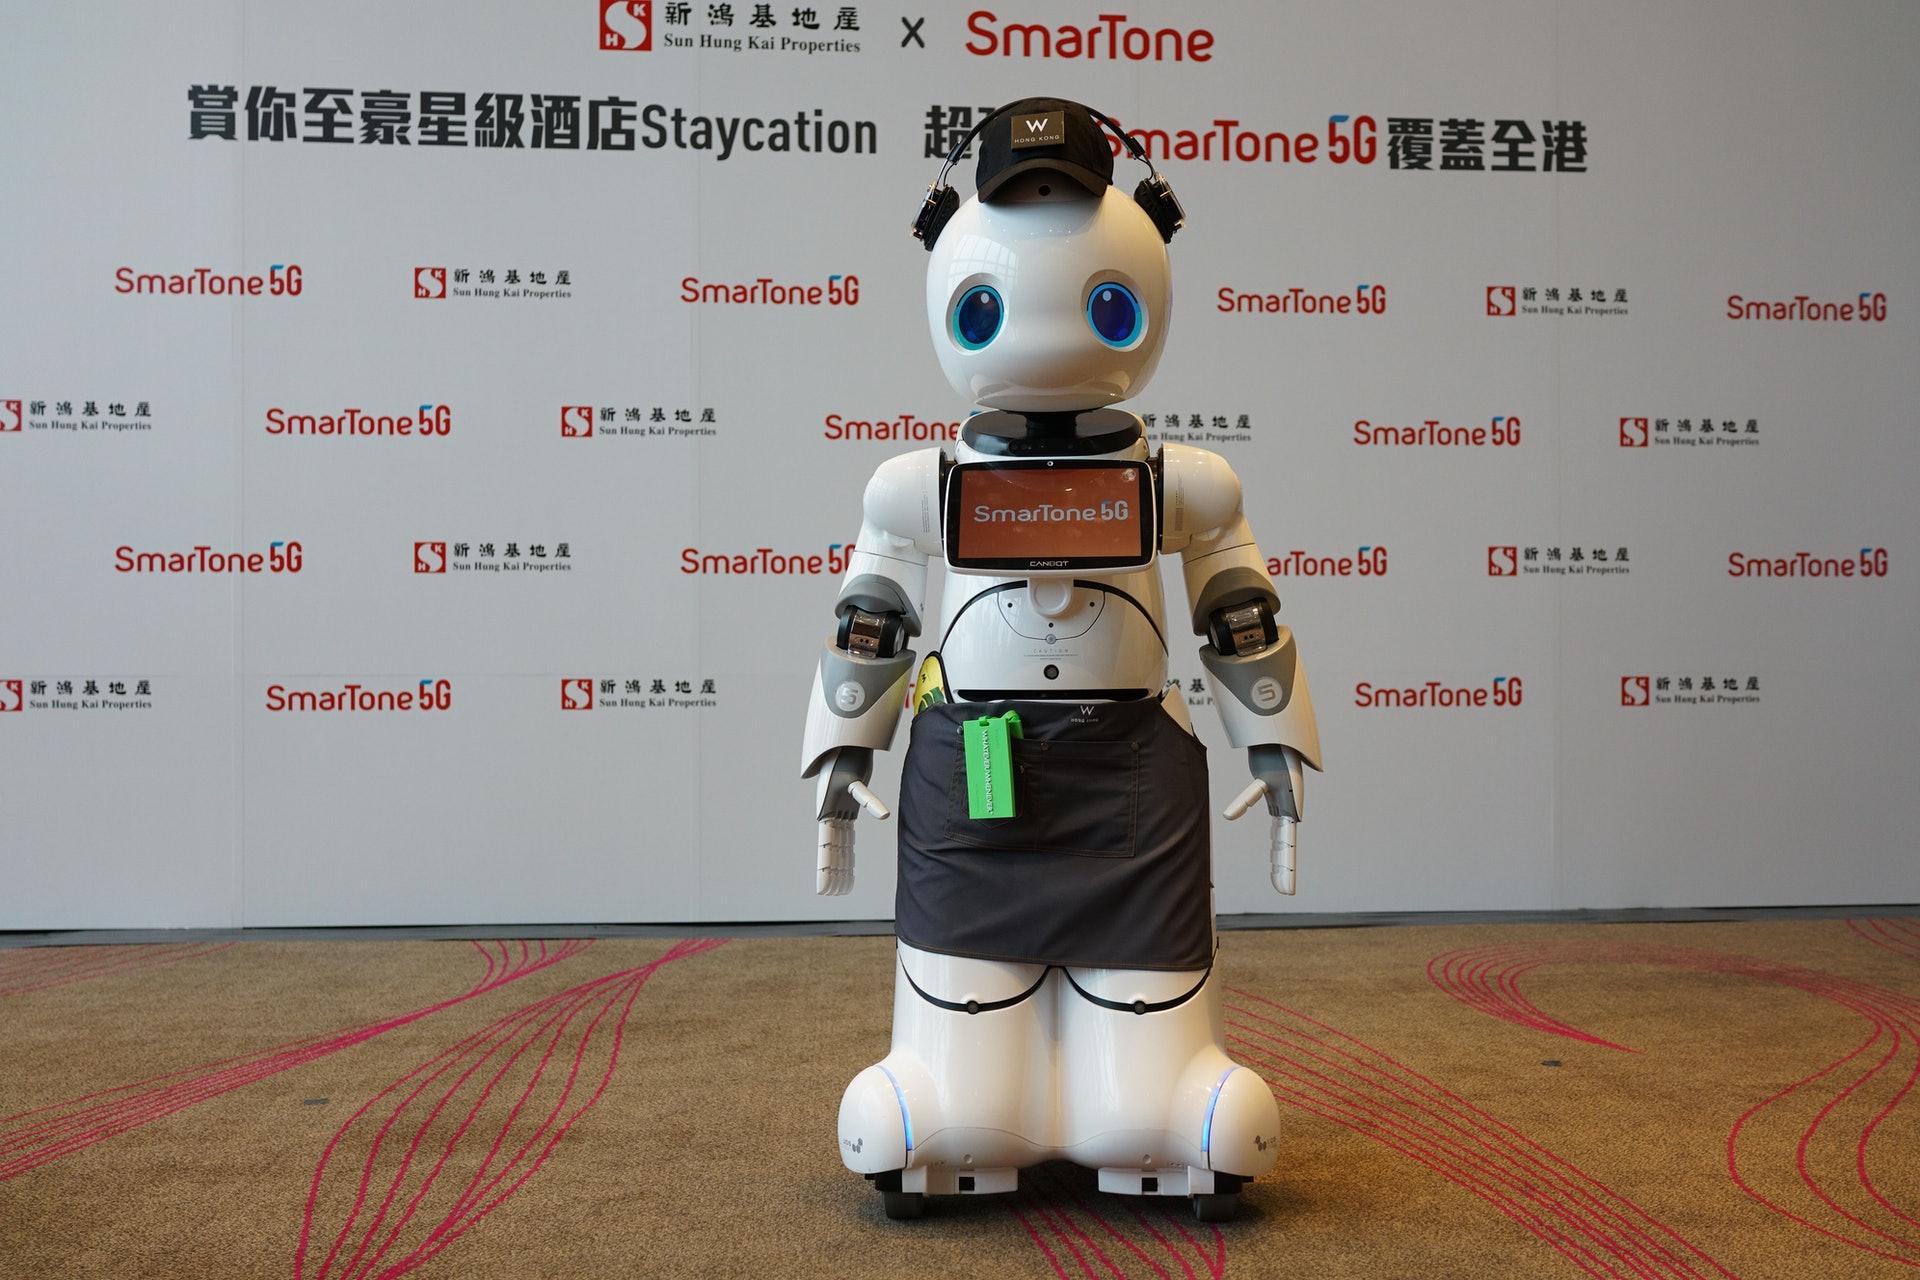 W Hotel引進5G機械人「WW」,利用5G高速低延遲網絡技術,可向客人提供不同服務。(林勇攝)